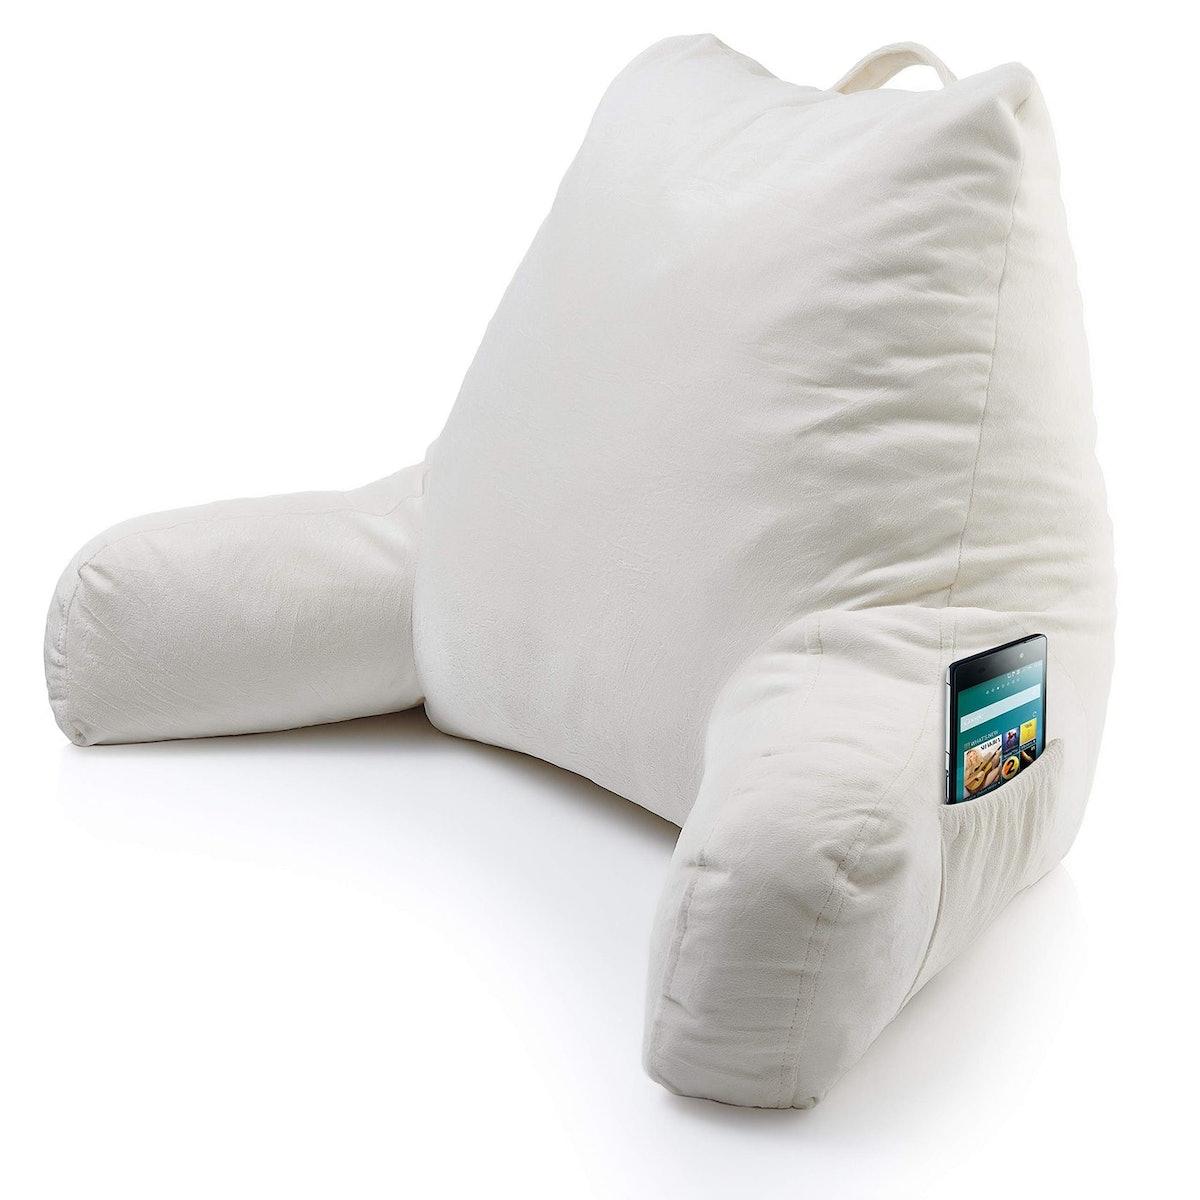 Keen Edge Home Foam Reading Pillow